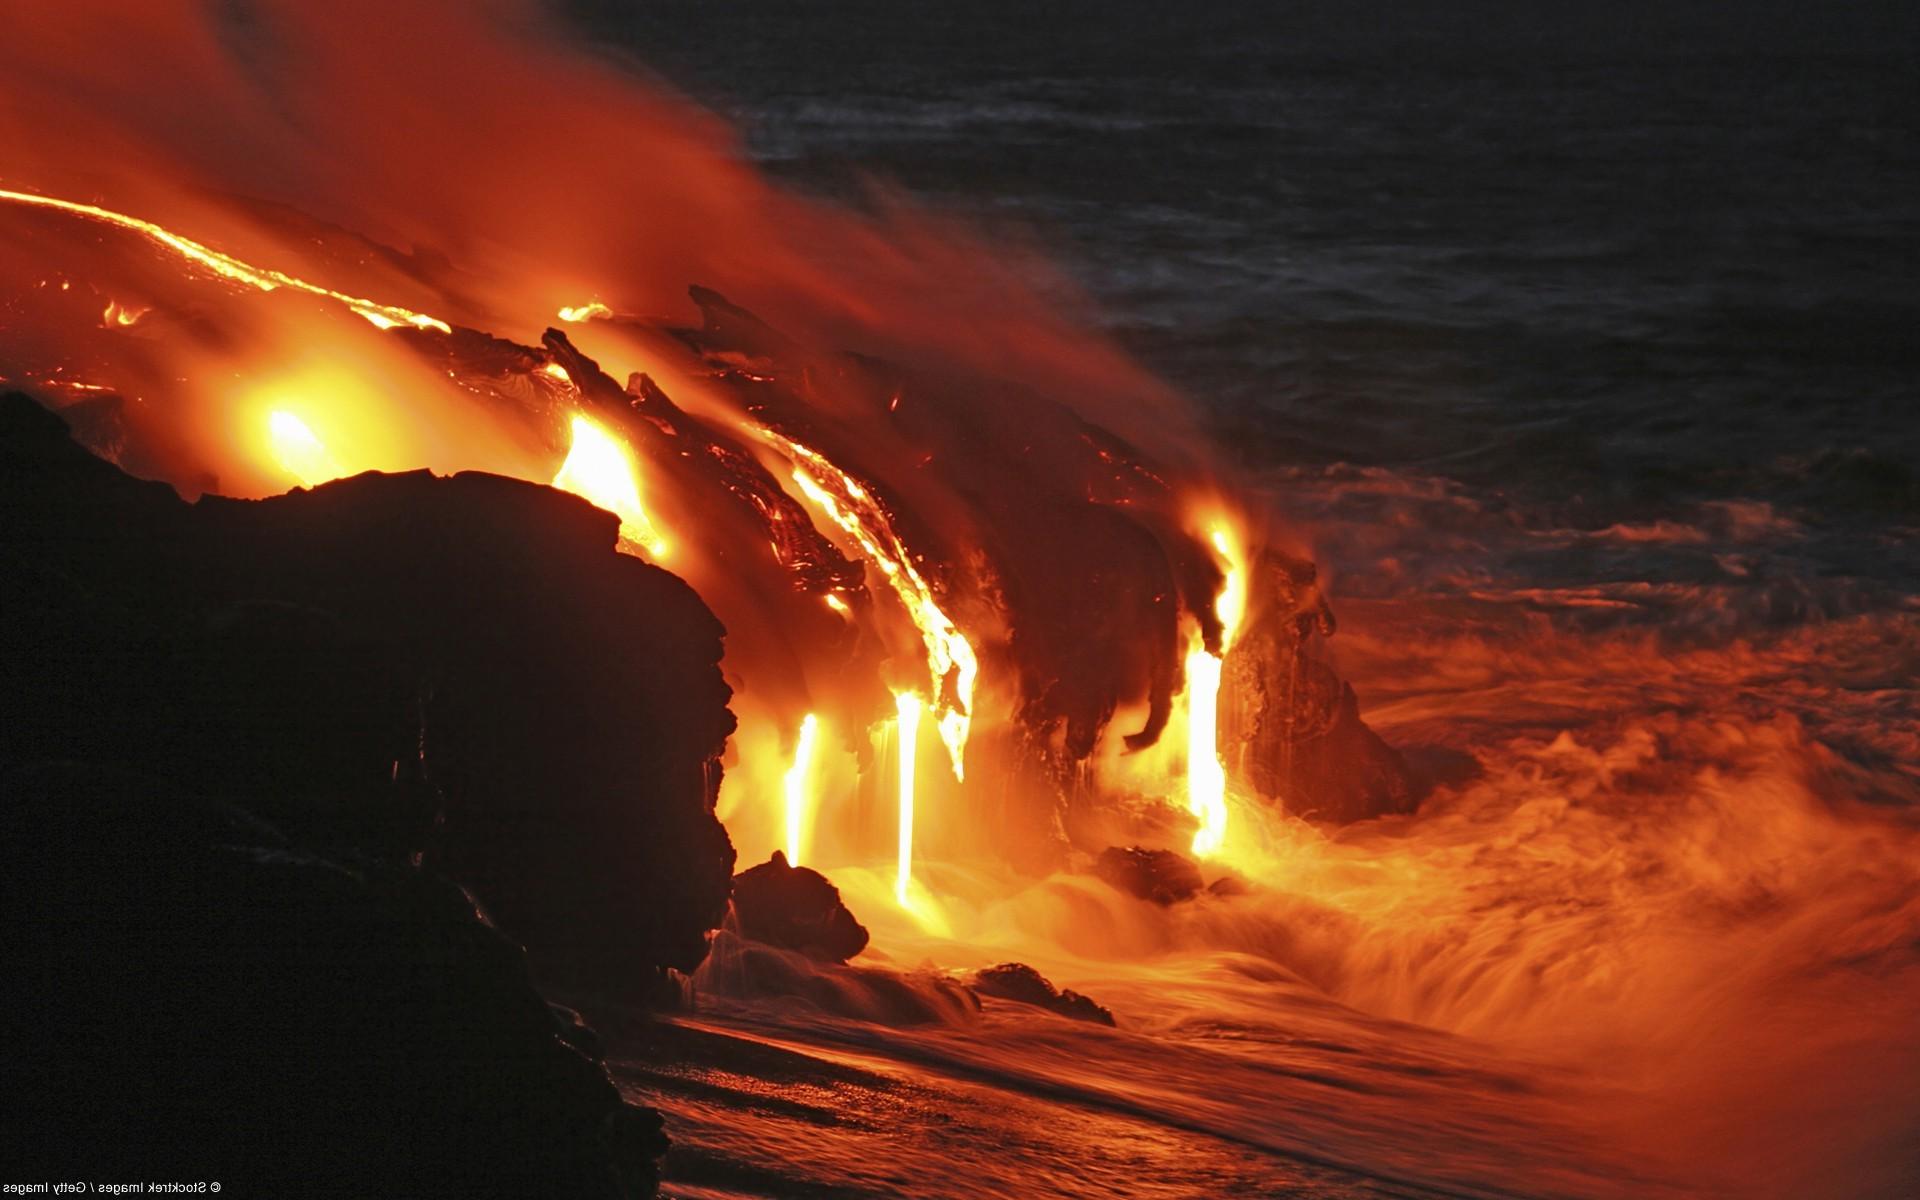 картинки как горит огонь как течет вода больше выбор цветов